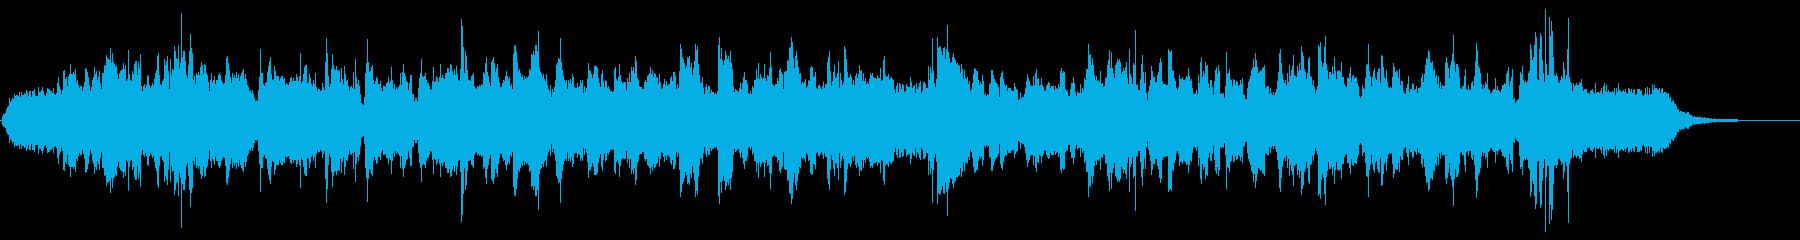 ショップVac:オン、動作しながら...の再生済みの波形